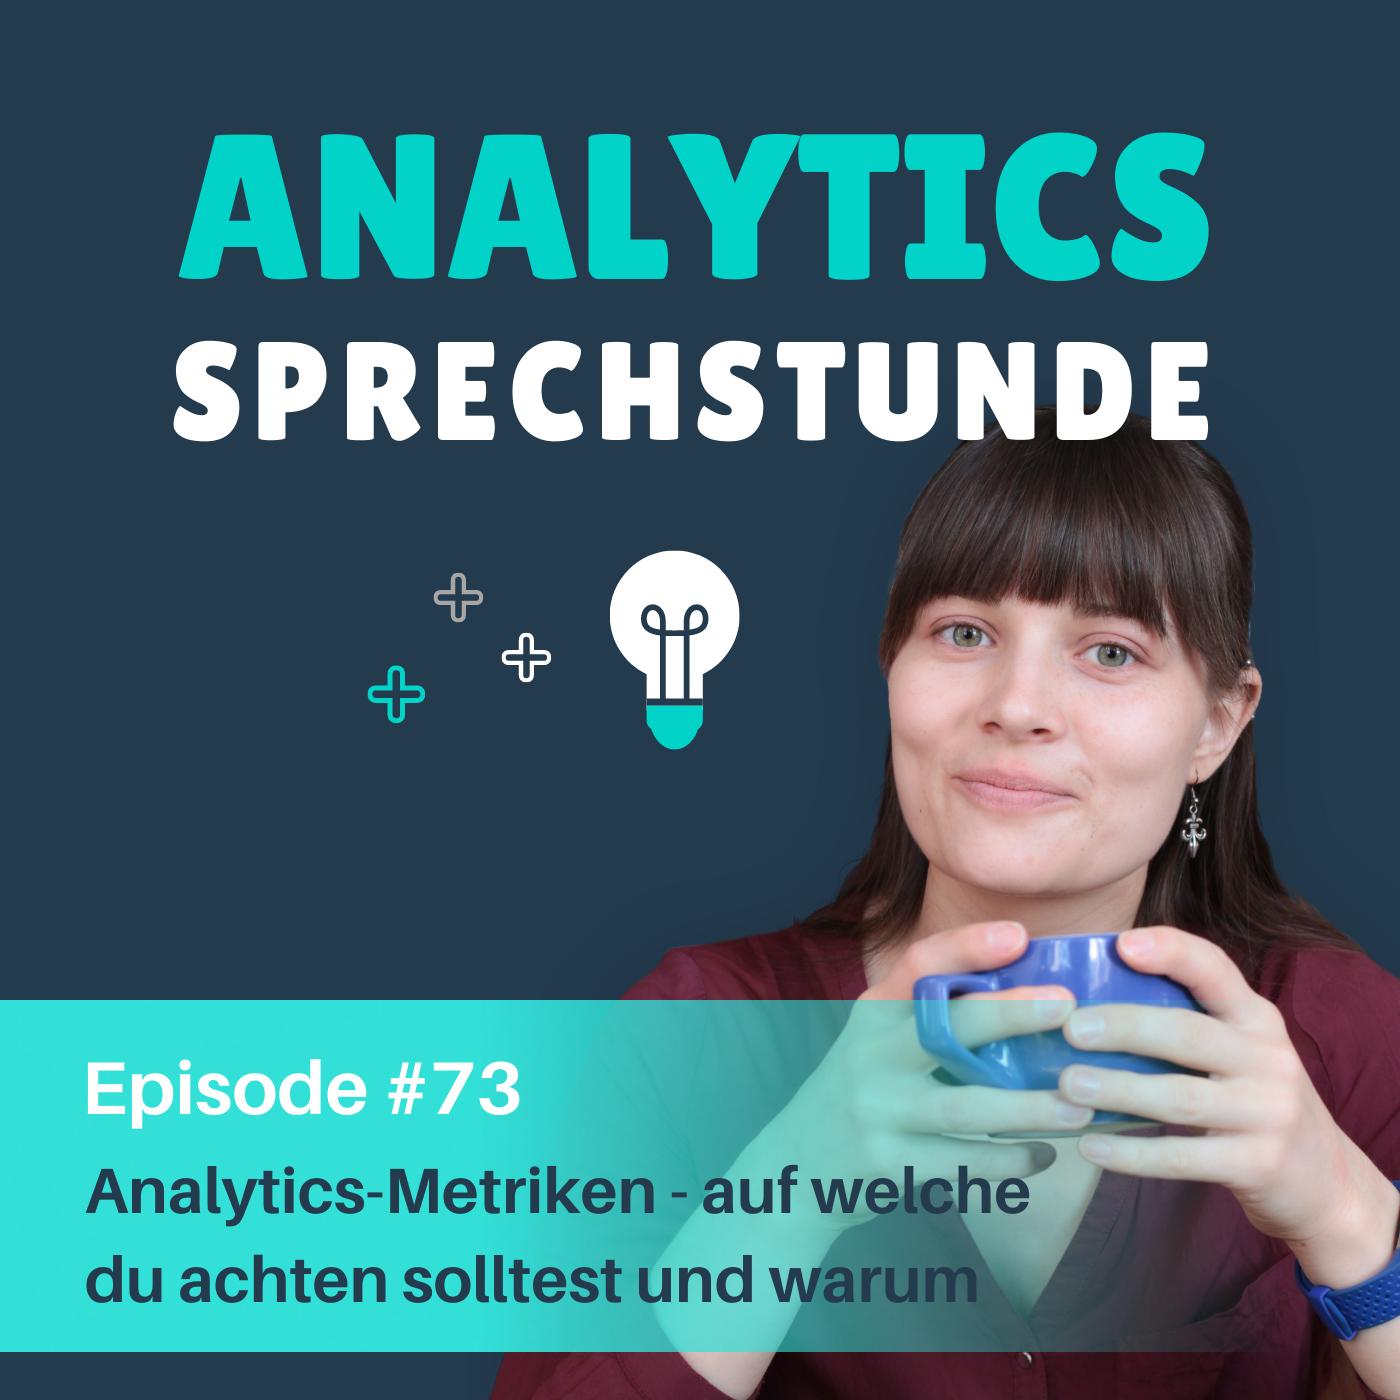 73 Auf welche Analytics-Metriken du achten solltest und warum